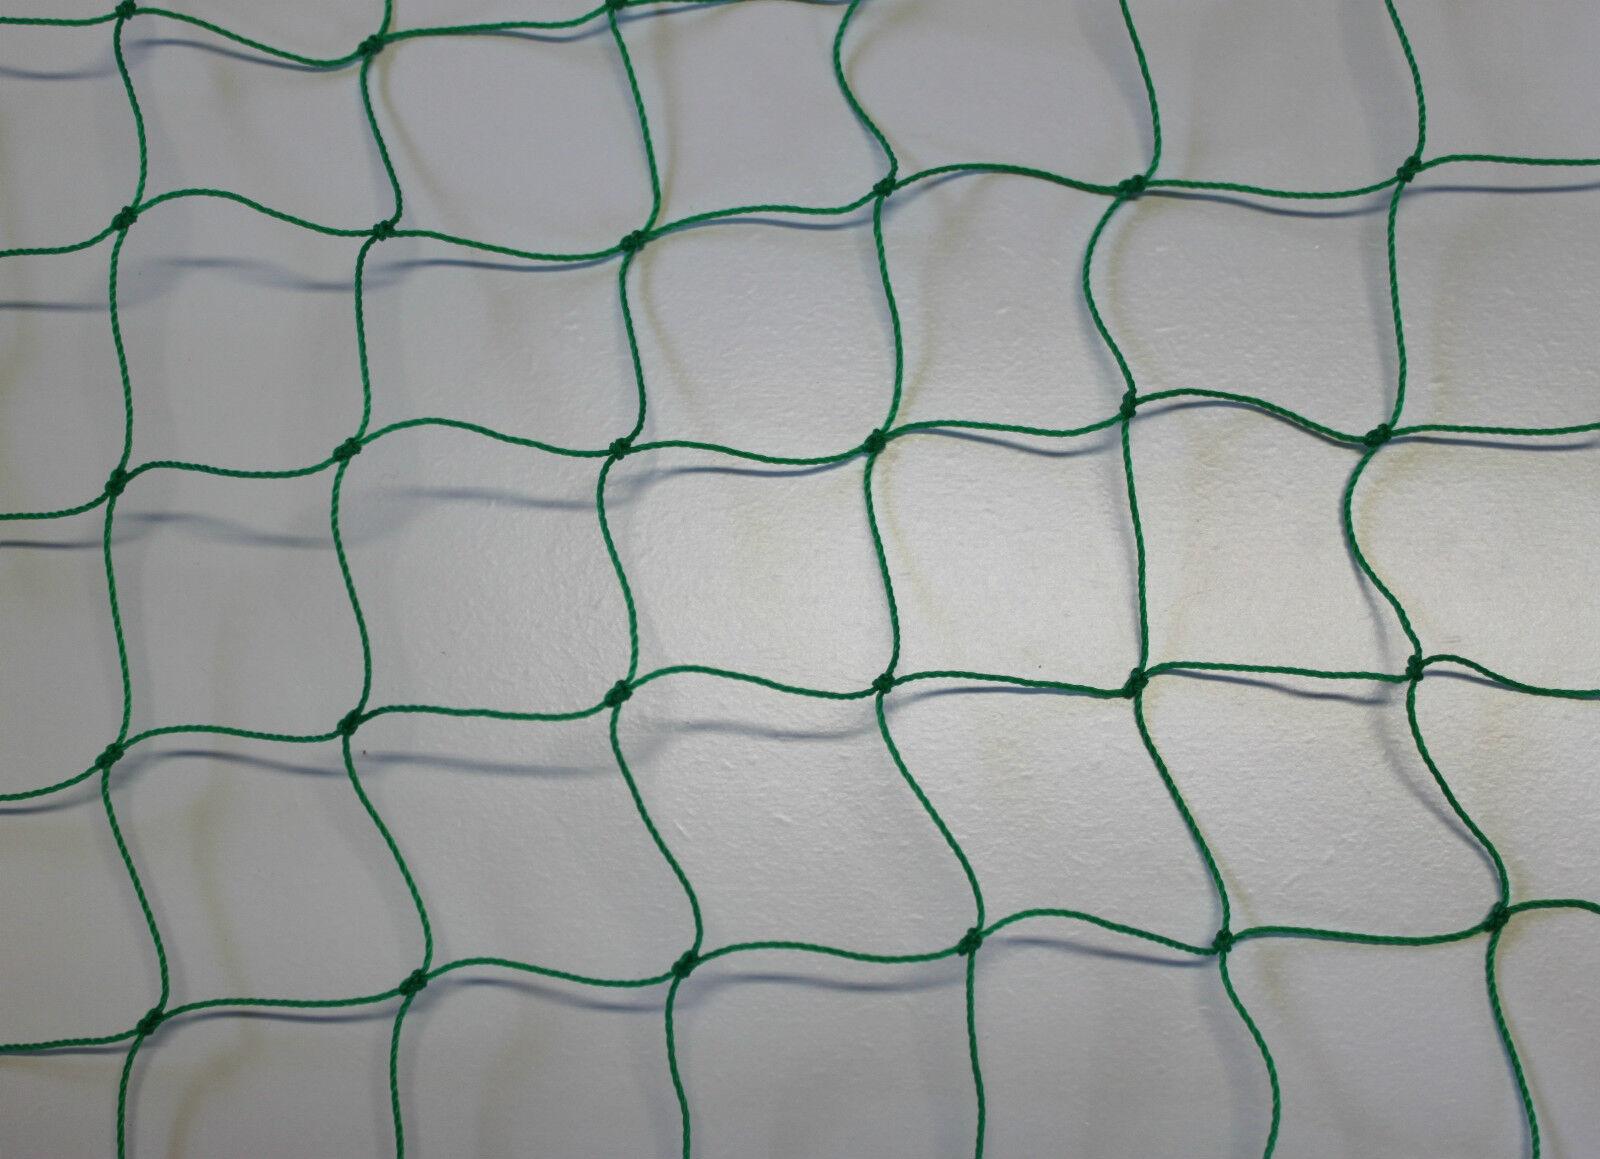 Ballnetz Ballnetz Ballnetz Meterware Höhe 4,00 m x  70,00 m grün Ballfangnetz Fußballnetz Netz 0a1c5a